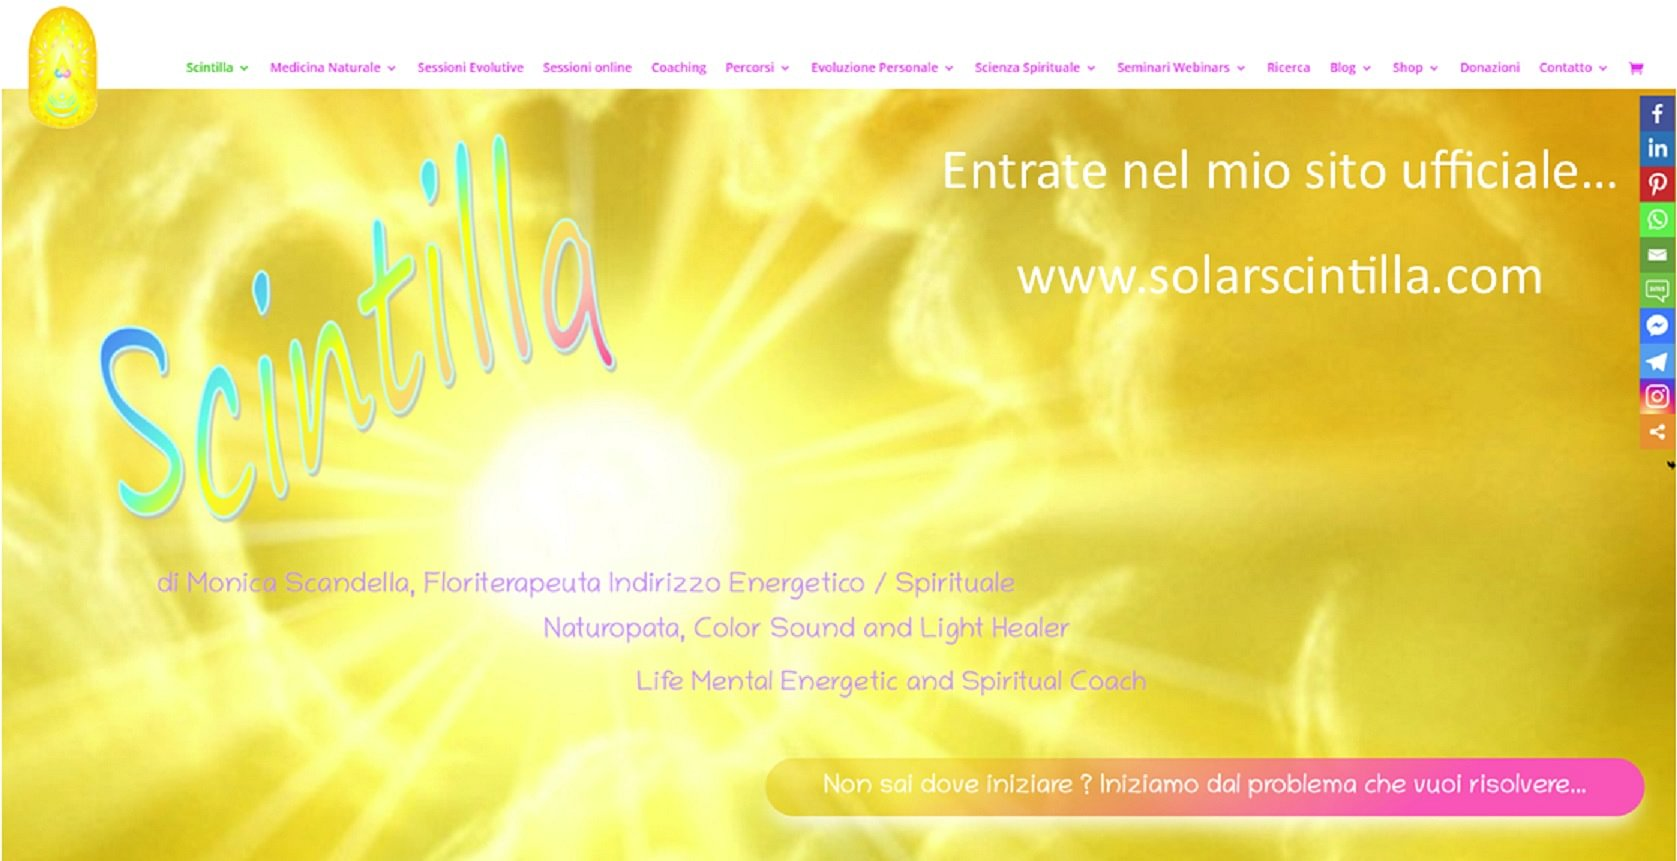 Scintilla - Terapie Vibrazionali/Oscillanti e Seminari/Webinars Evolutivi e di Risveglio di Consapevolezza